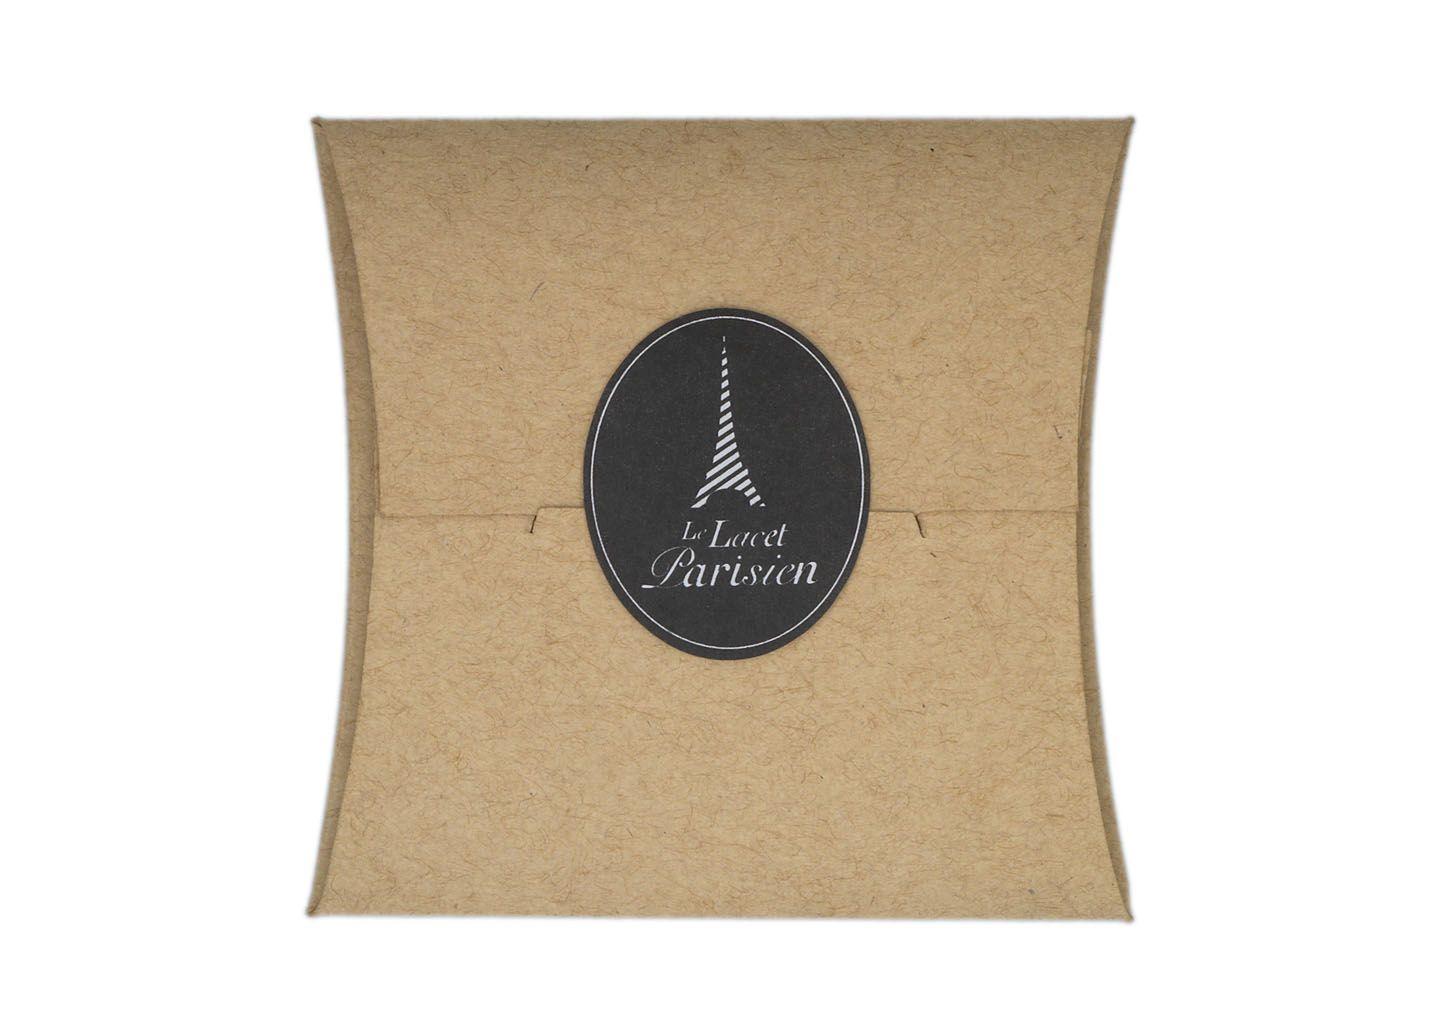 Le Gustave - Le Lacet Parisien